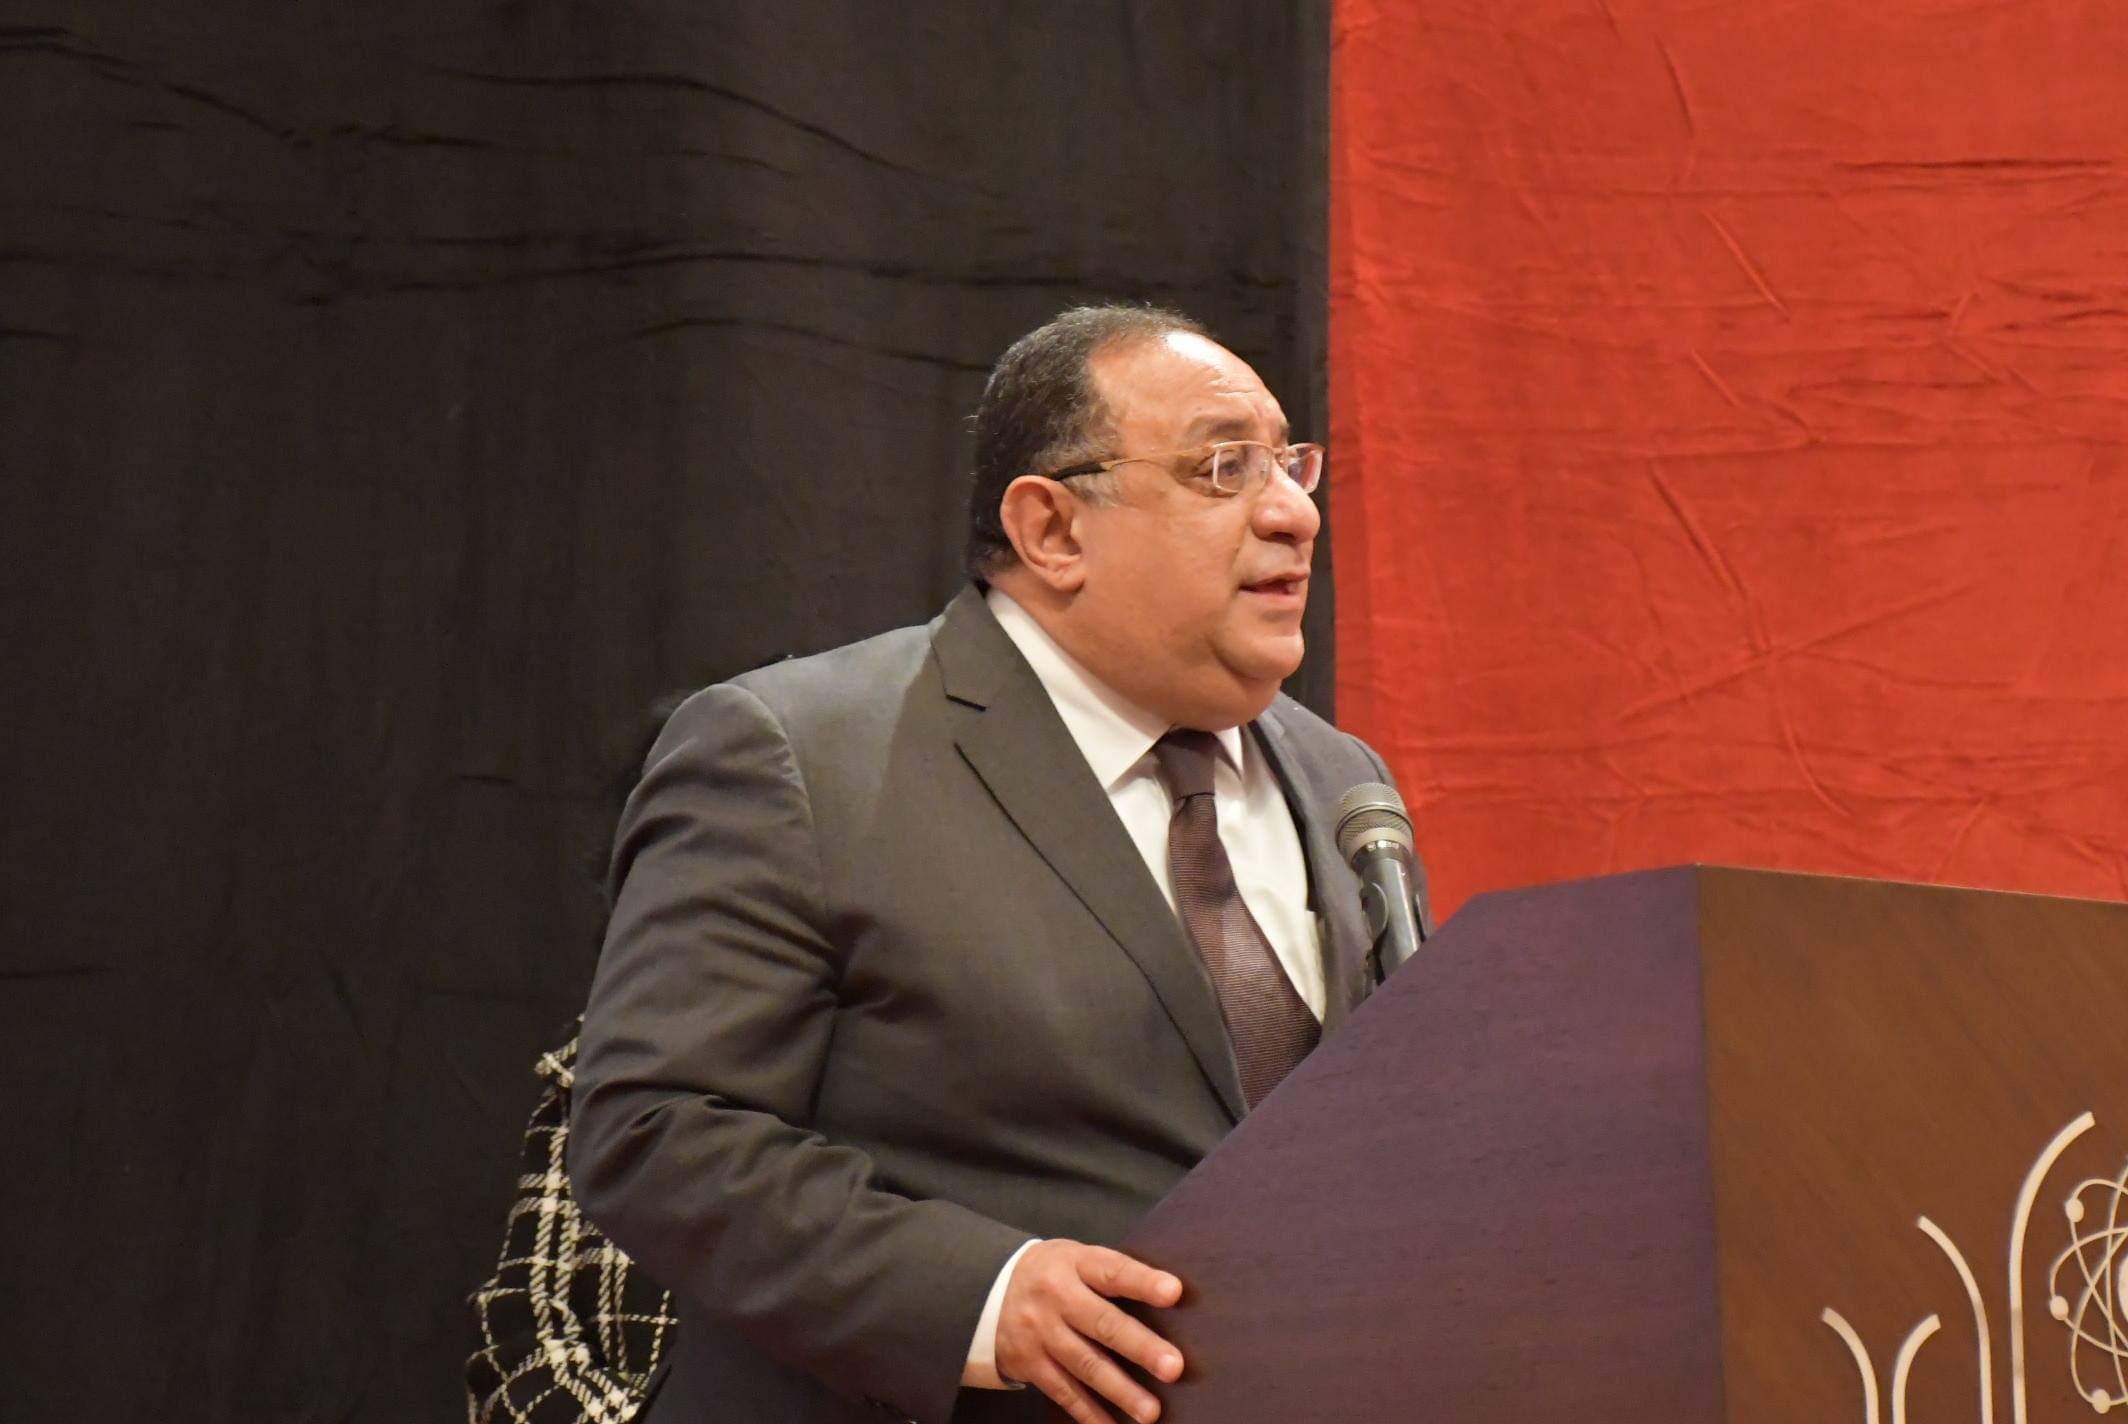 جامعة حلوان تنظم ندوة «ماذا يدور حولنا» للمفكر السياسي مصطفى الفقي